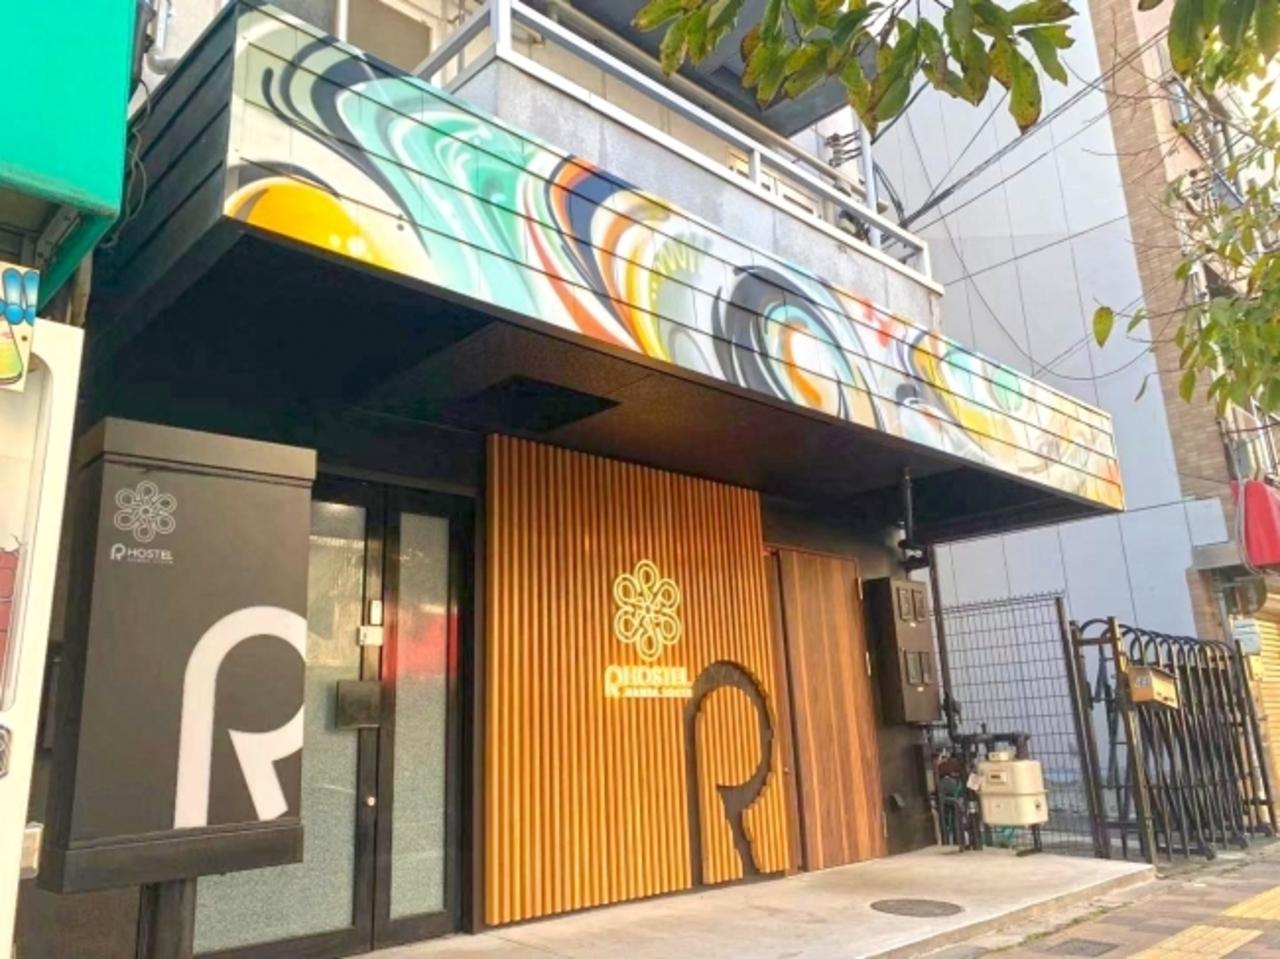 大阪市西成区のホテル『アールホステル ナンバサウス』2019.11/30open